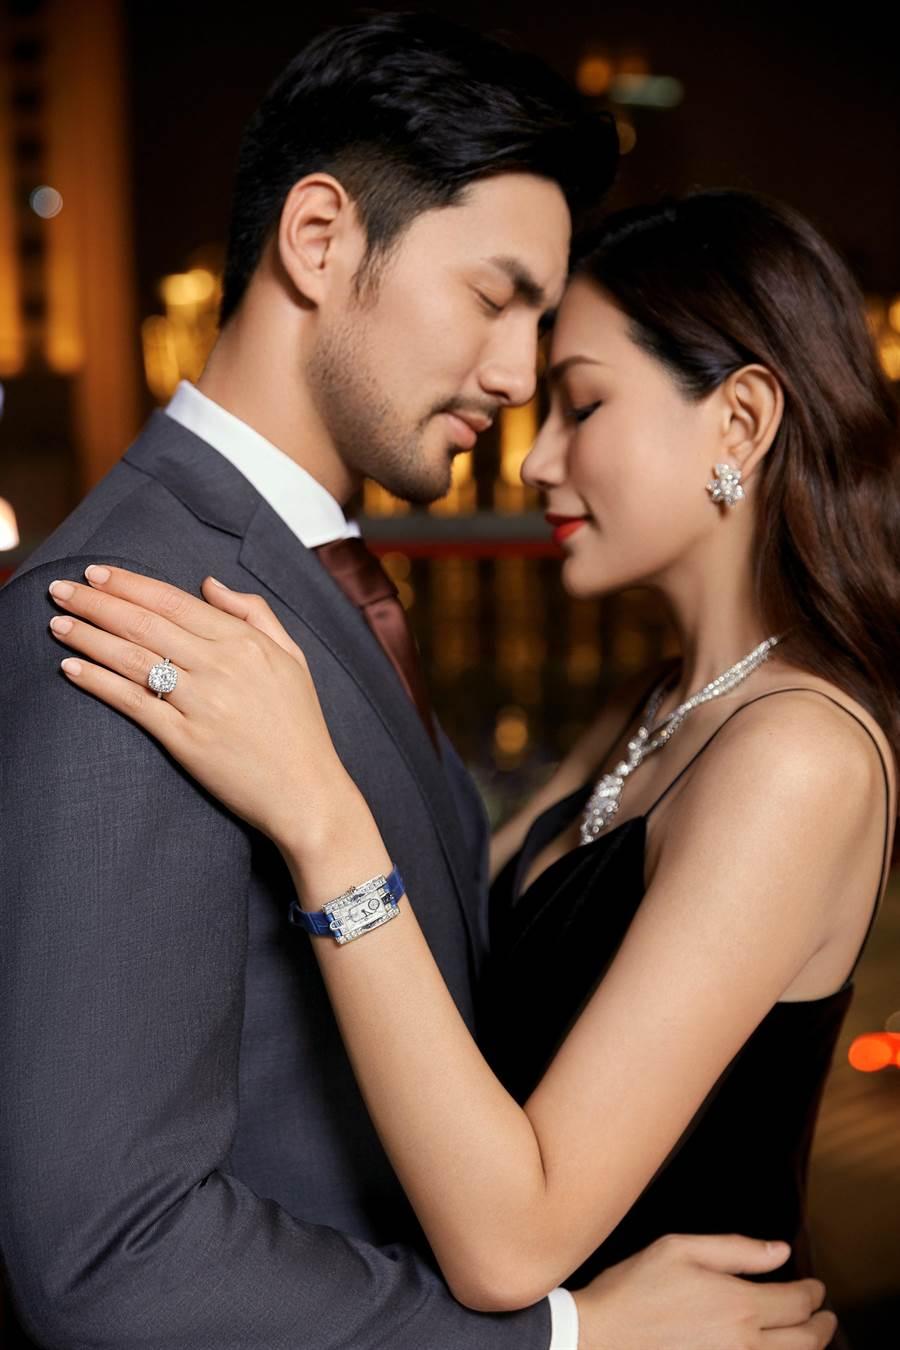 海瑞溫斯頓在年底結婚季主打Bridal系列鑽戒。(HARRY WINSTON提供)